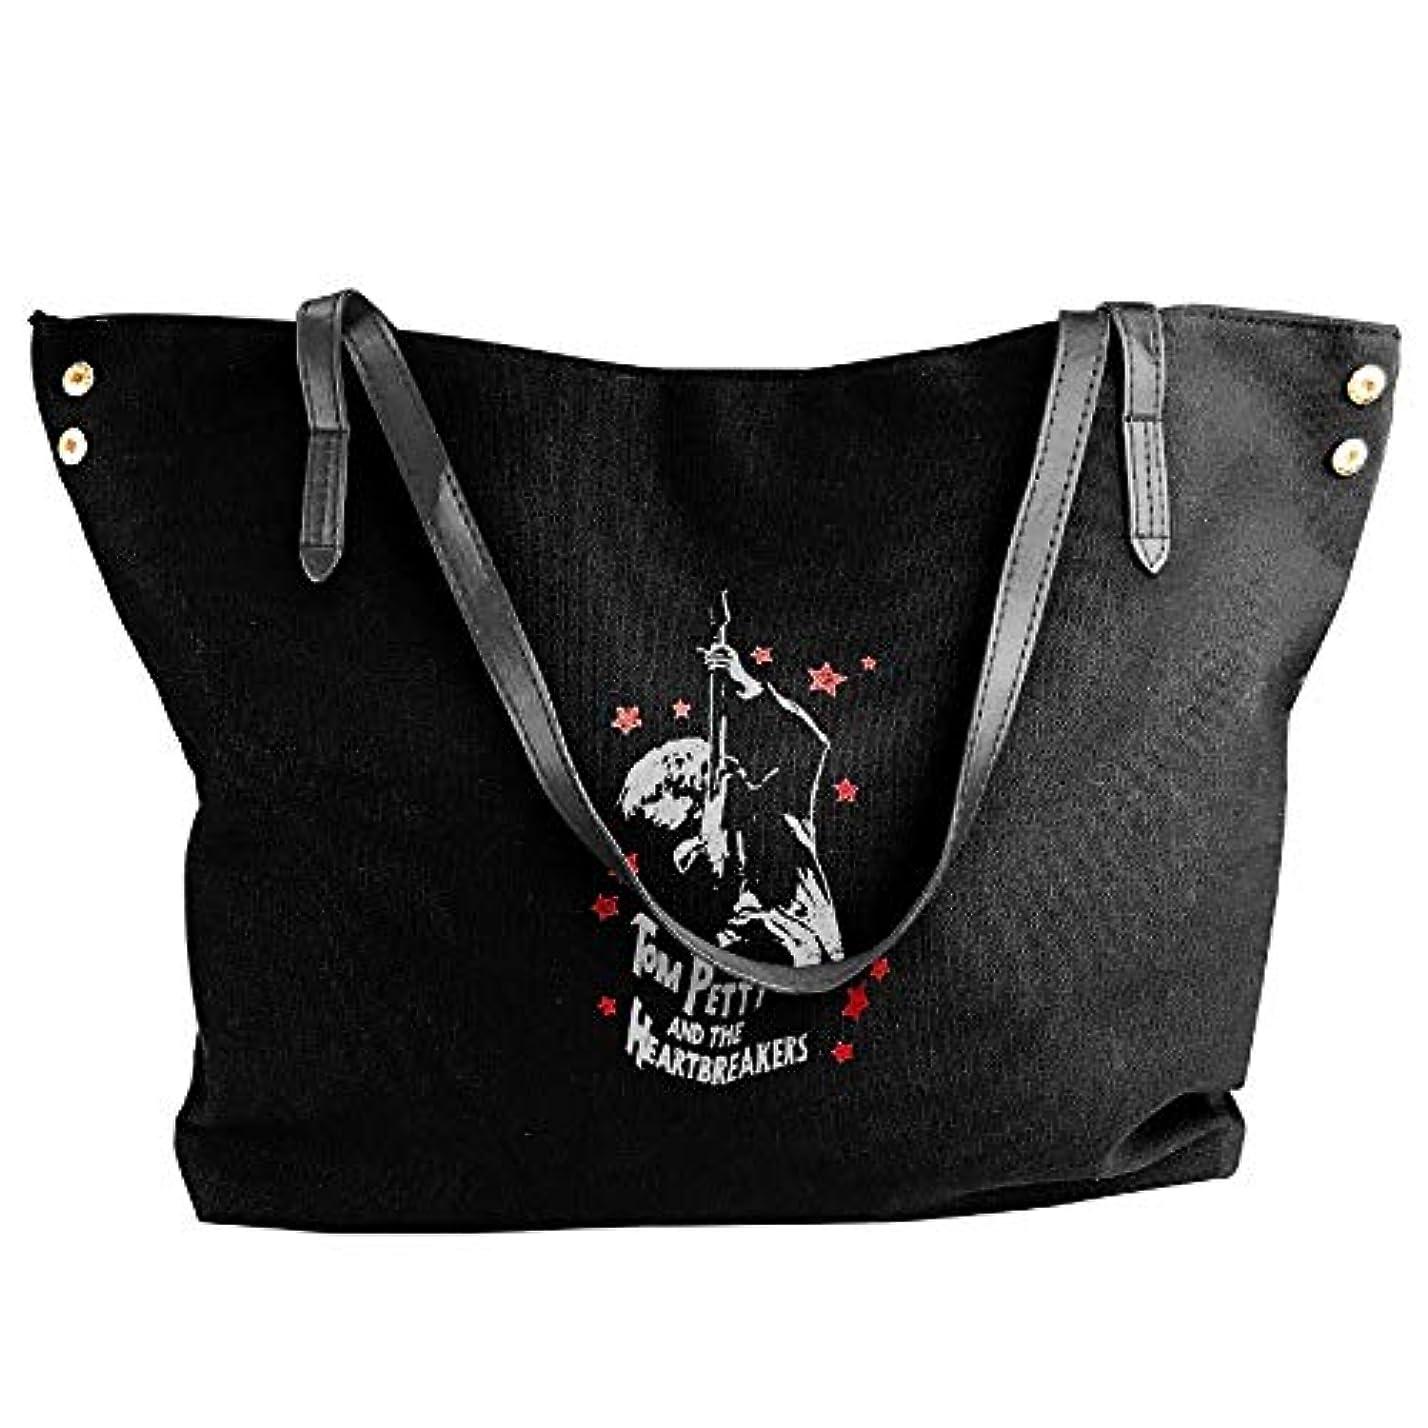 シネウィ開拓者退化する2019最新レディースバッグ ファッション若い女の子ストリートショッピングキャンバスのショルダーバッグ Cotton Tom 人気のバッグ 大容量 リュック